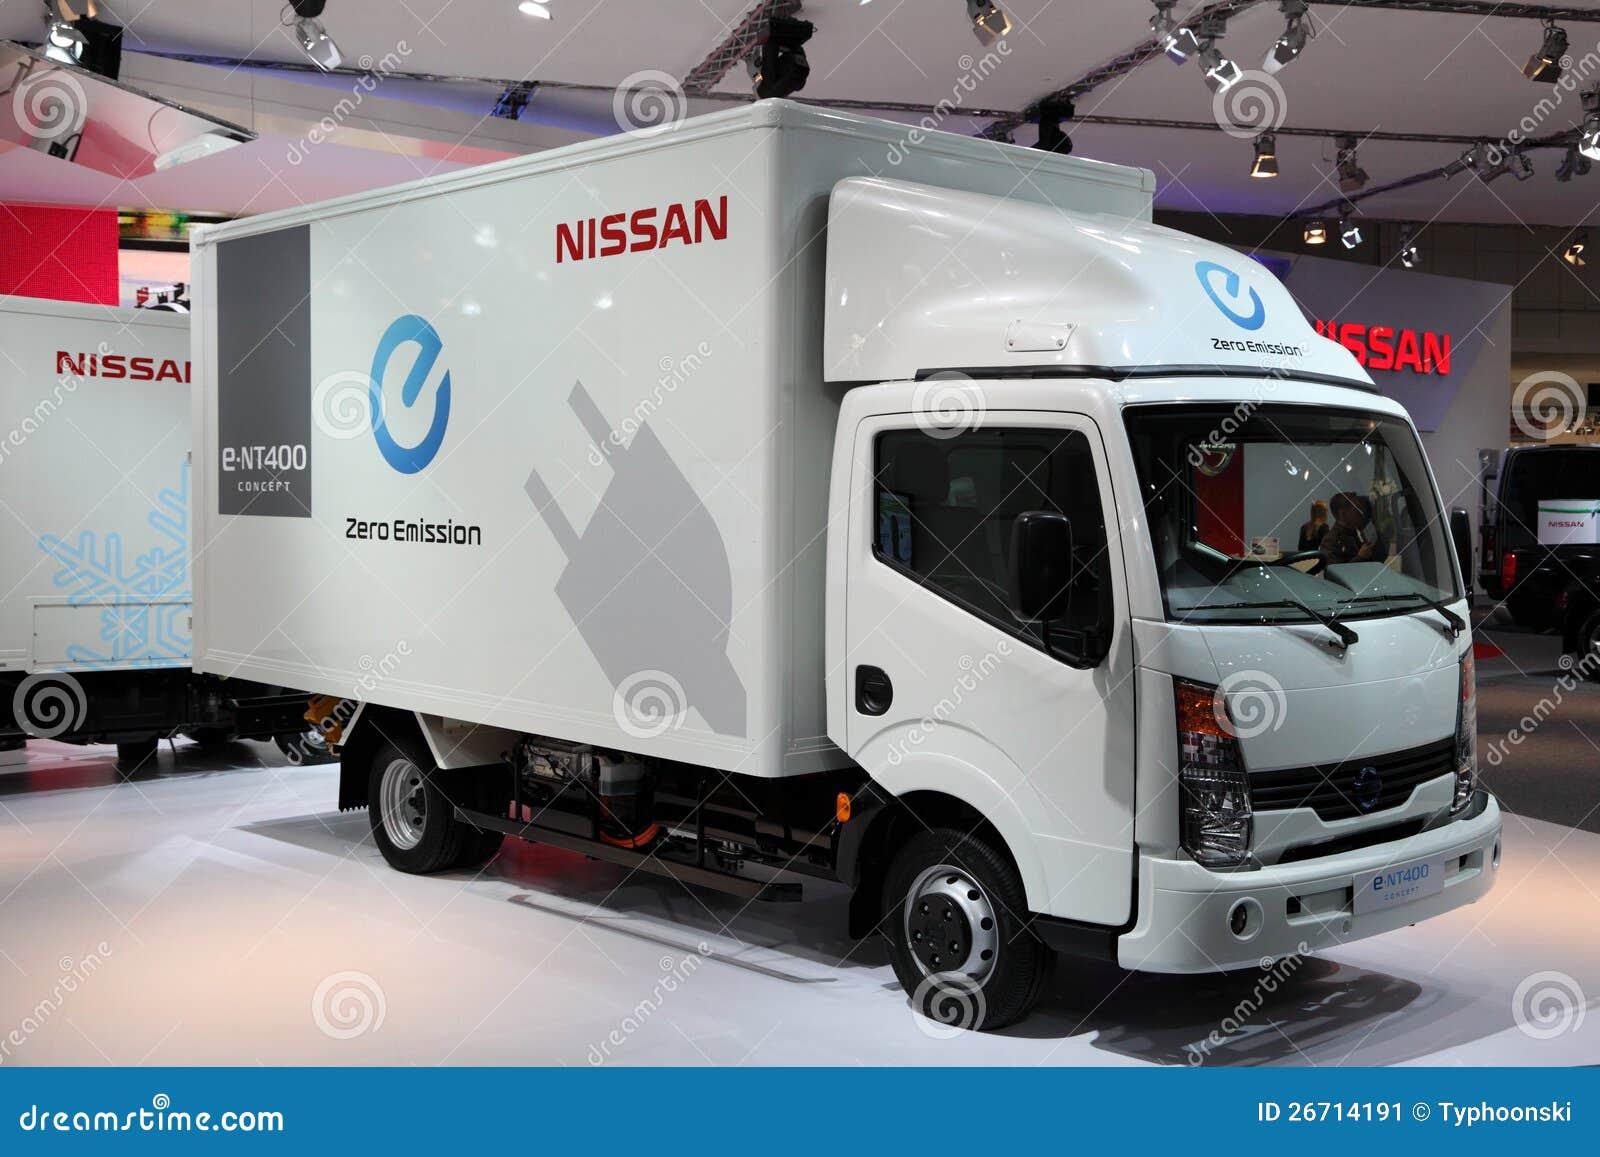 Nieuw Elektrisch Nissan E Nt400 Redactionele Foto Afbeelding